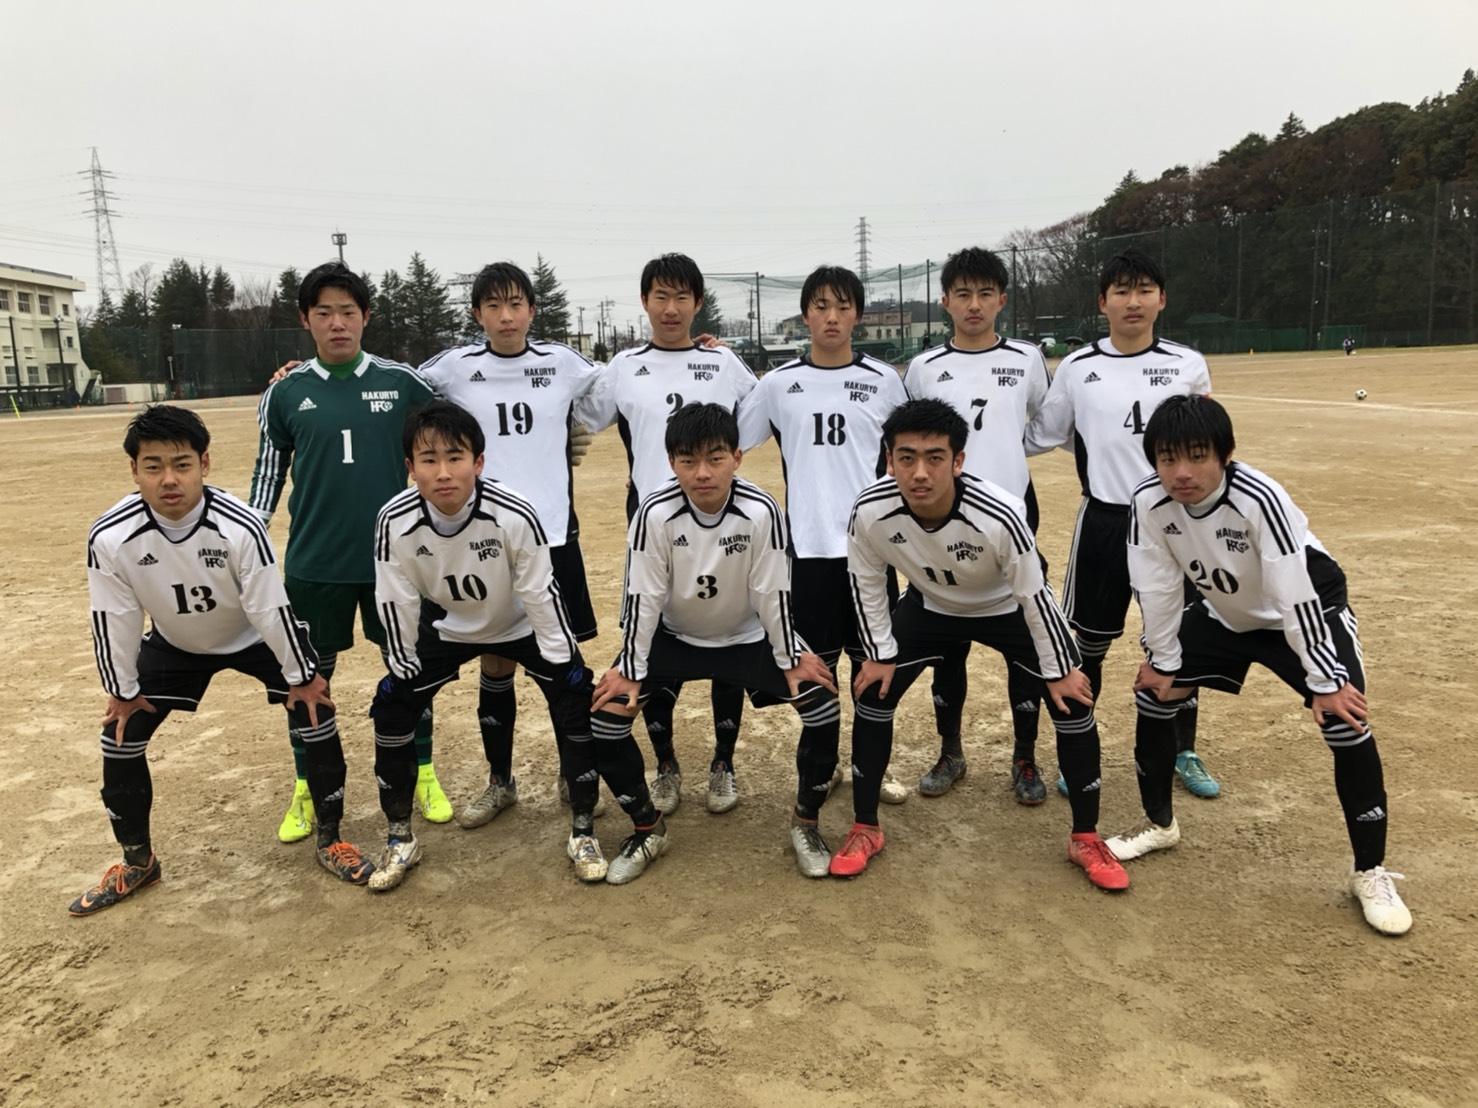 千葉県サッカーbbs